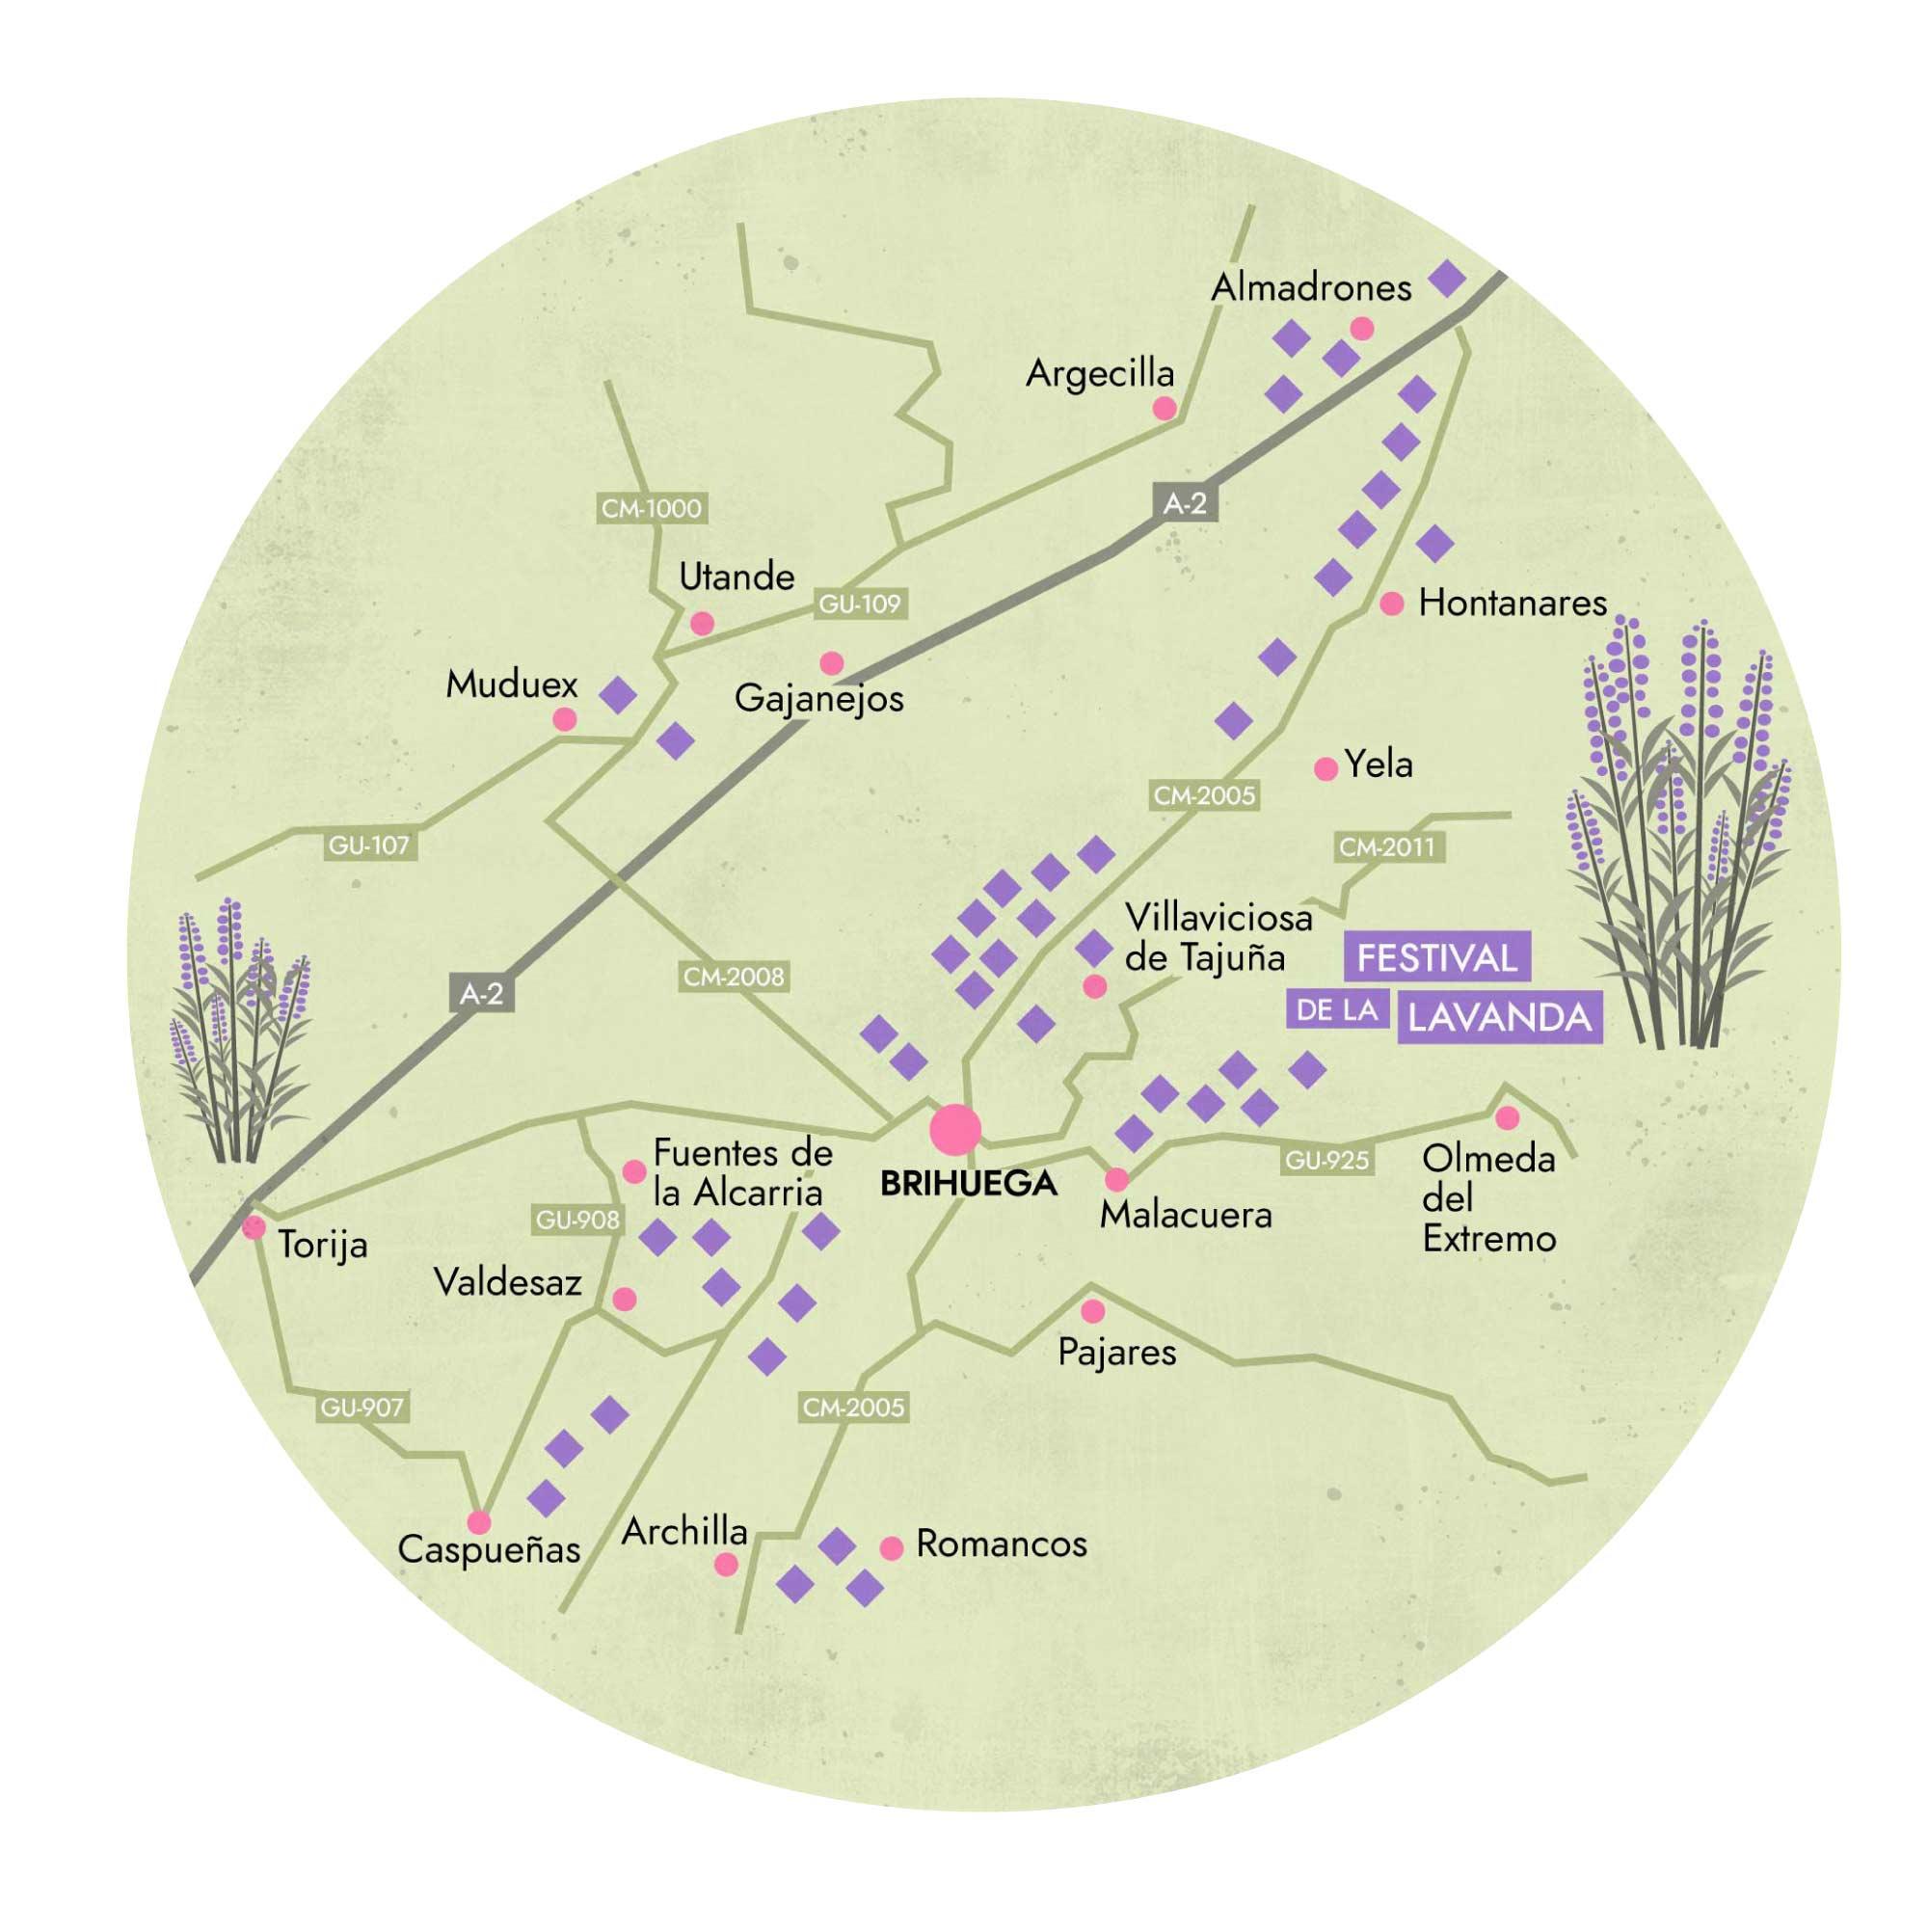 LAVANDA-Minimap-Brihuega